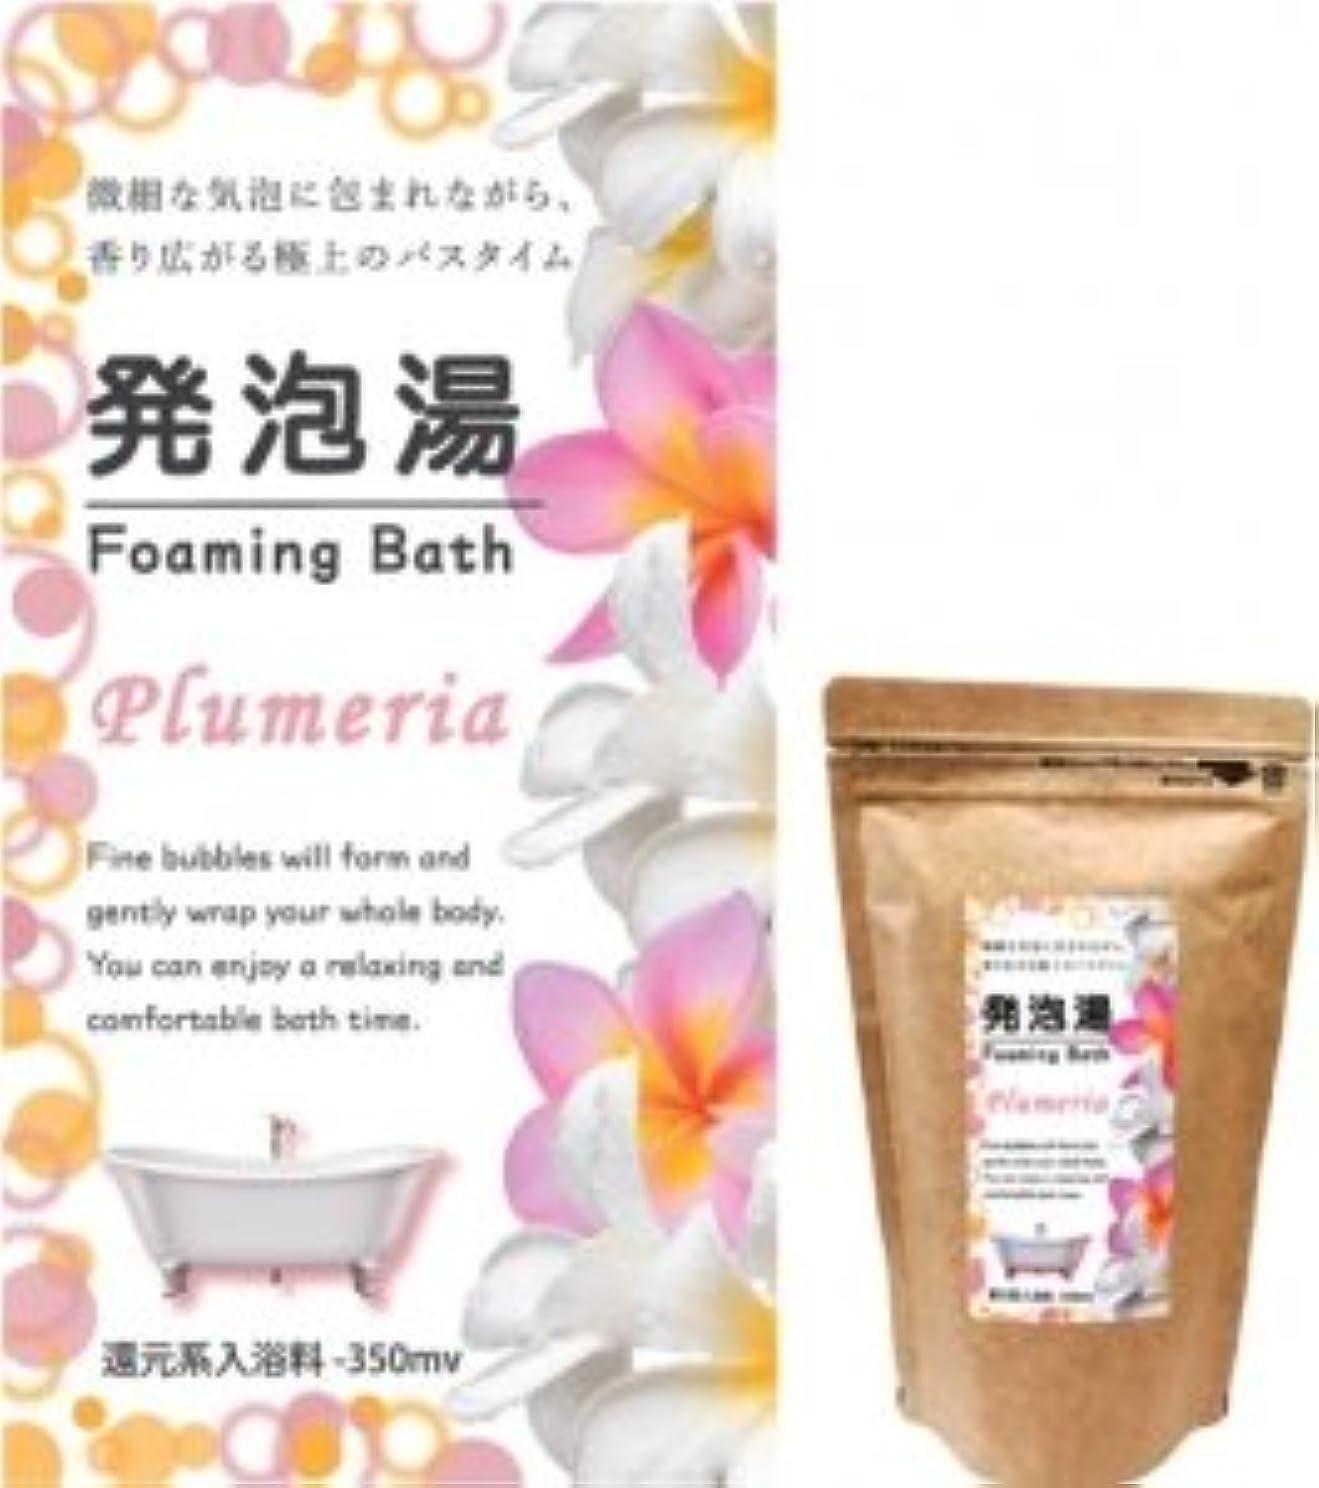 集中的なリットルコンパス発泡湯(はっぽうとう) Foaming Bath Plumeria プルメリア お徳用15回分